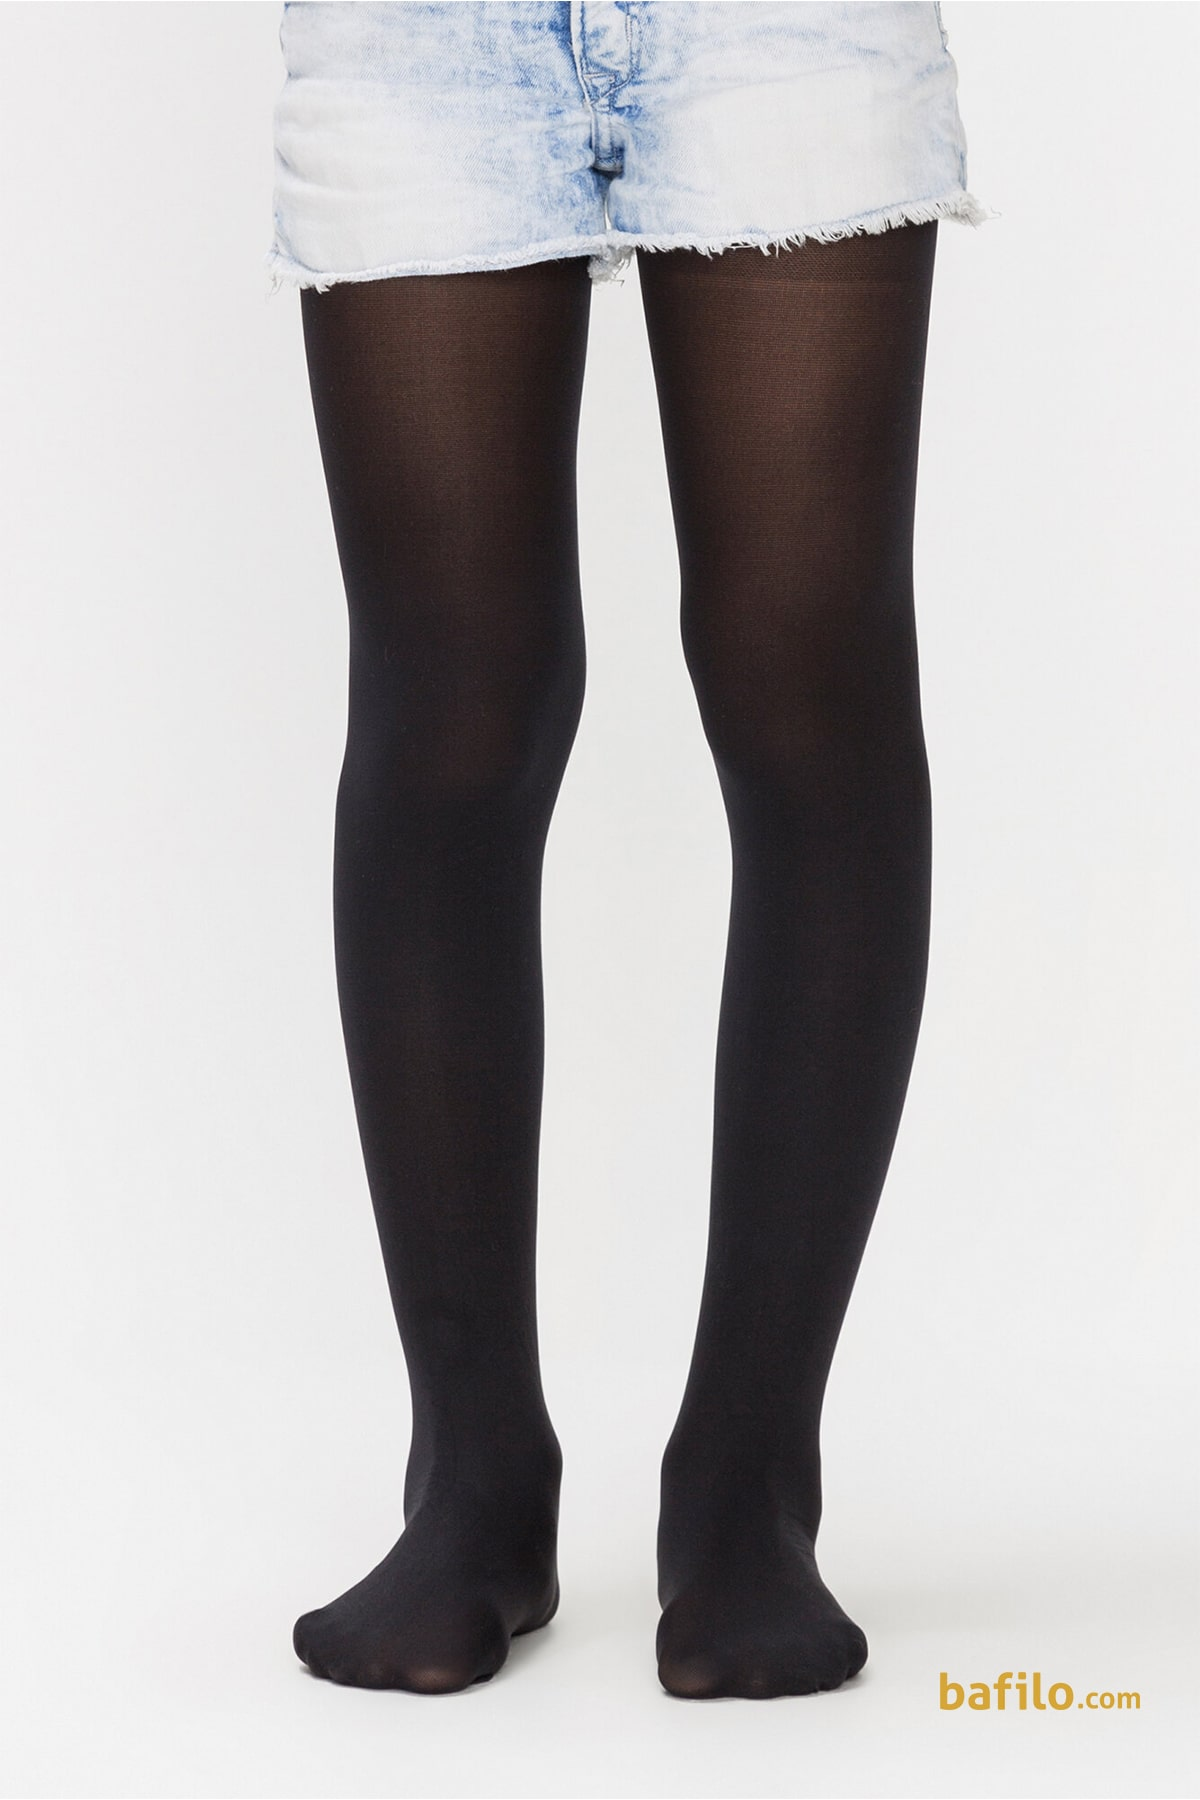 پنتی | Penti - جوراب شلواری ساده دخترانه پنتی Mikro 40 - مشکی